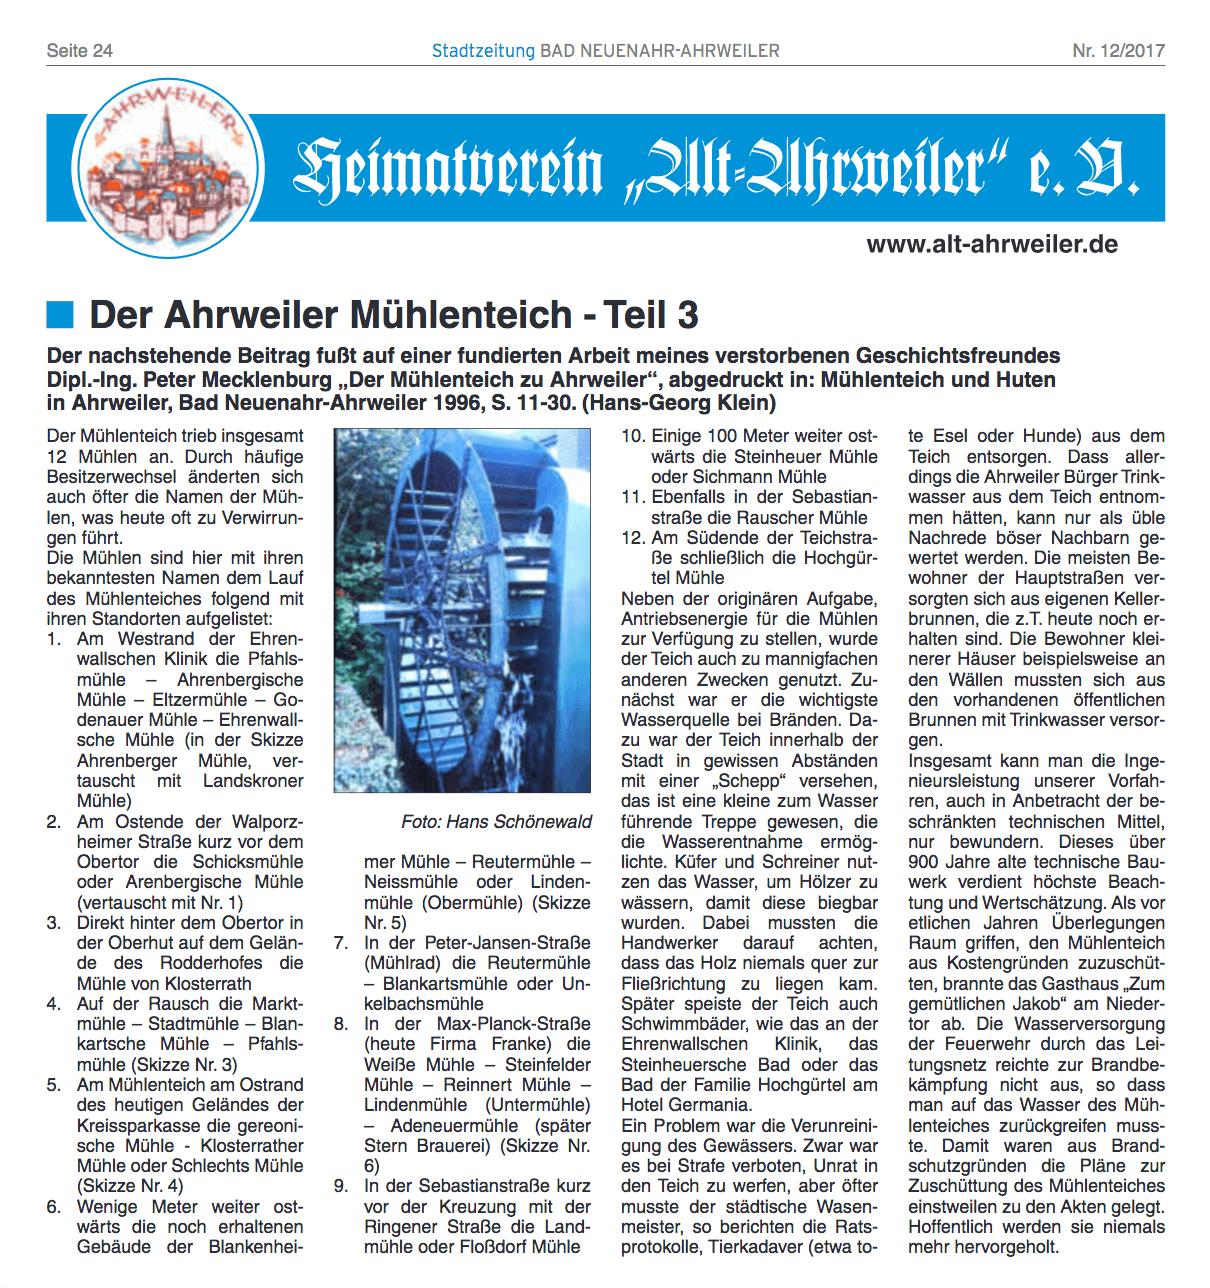 Der Ahrweiler Mühlenteich